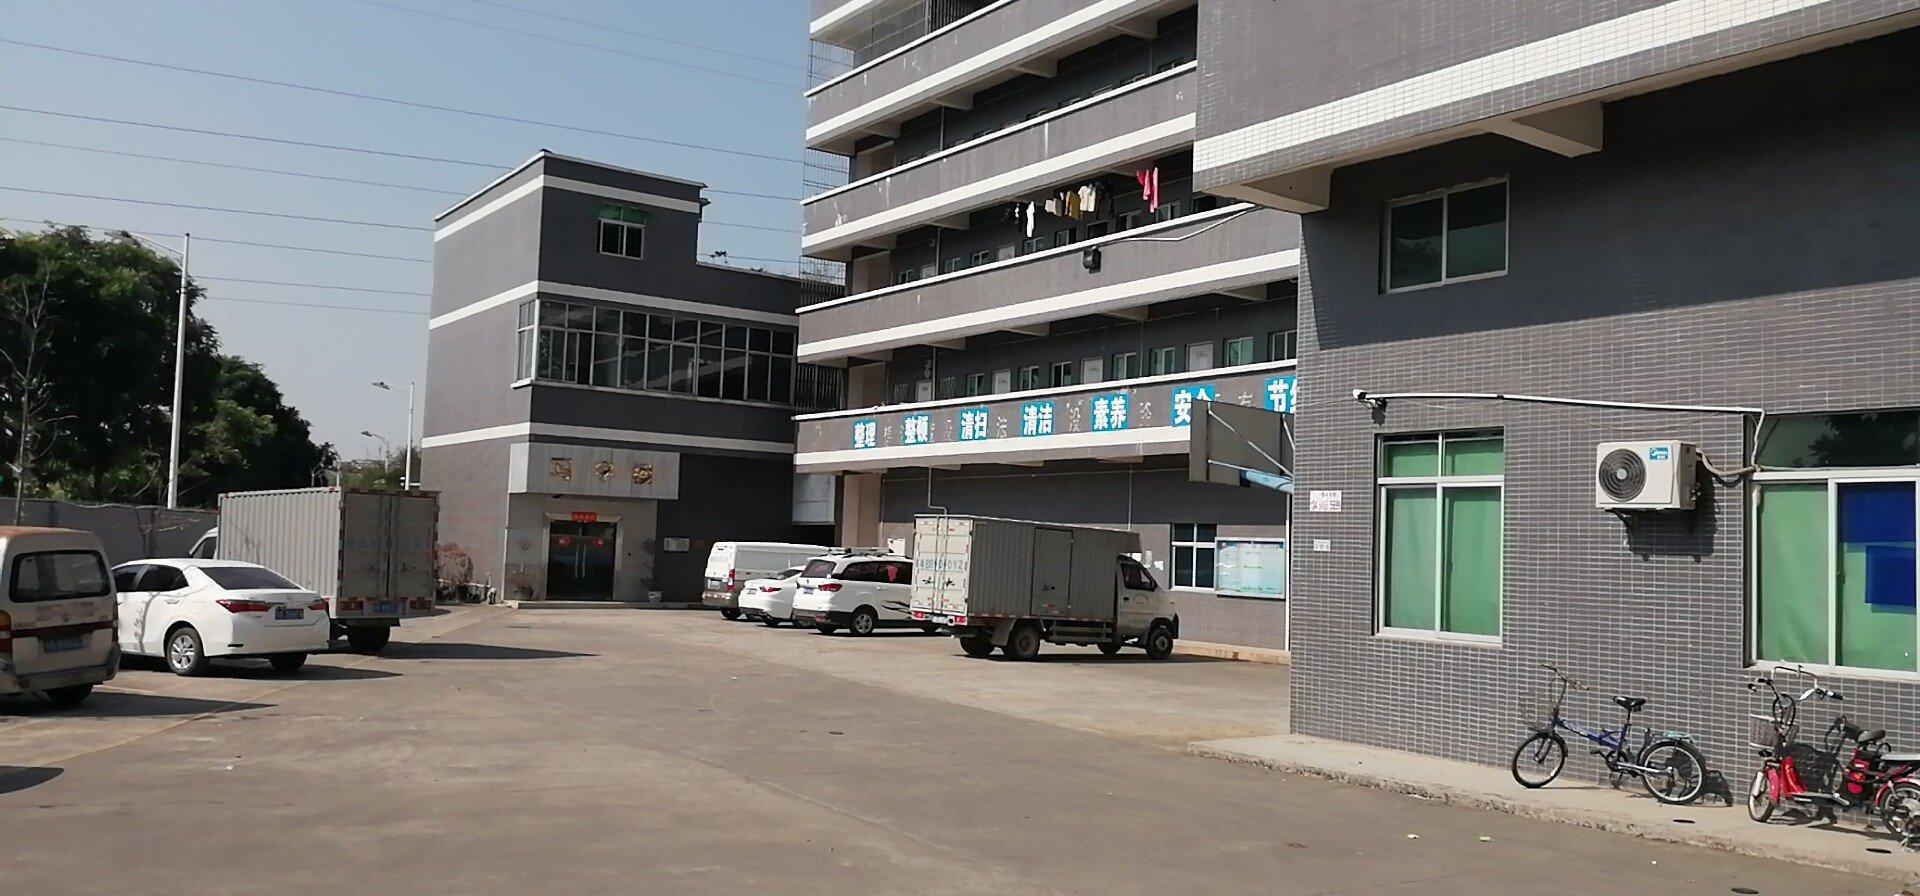 坪地中心村标准一楼600平米招租